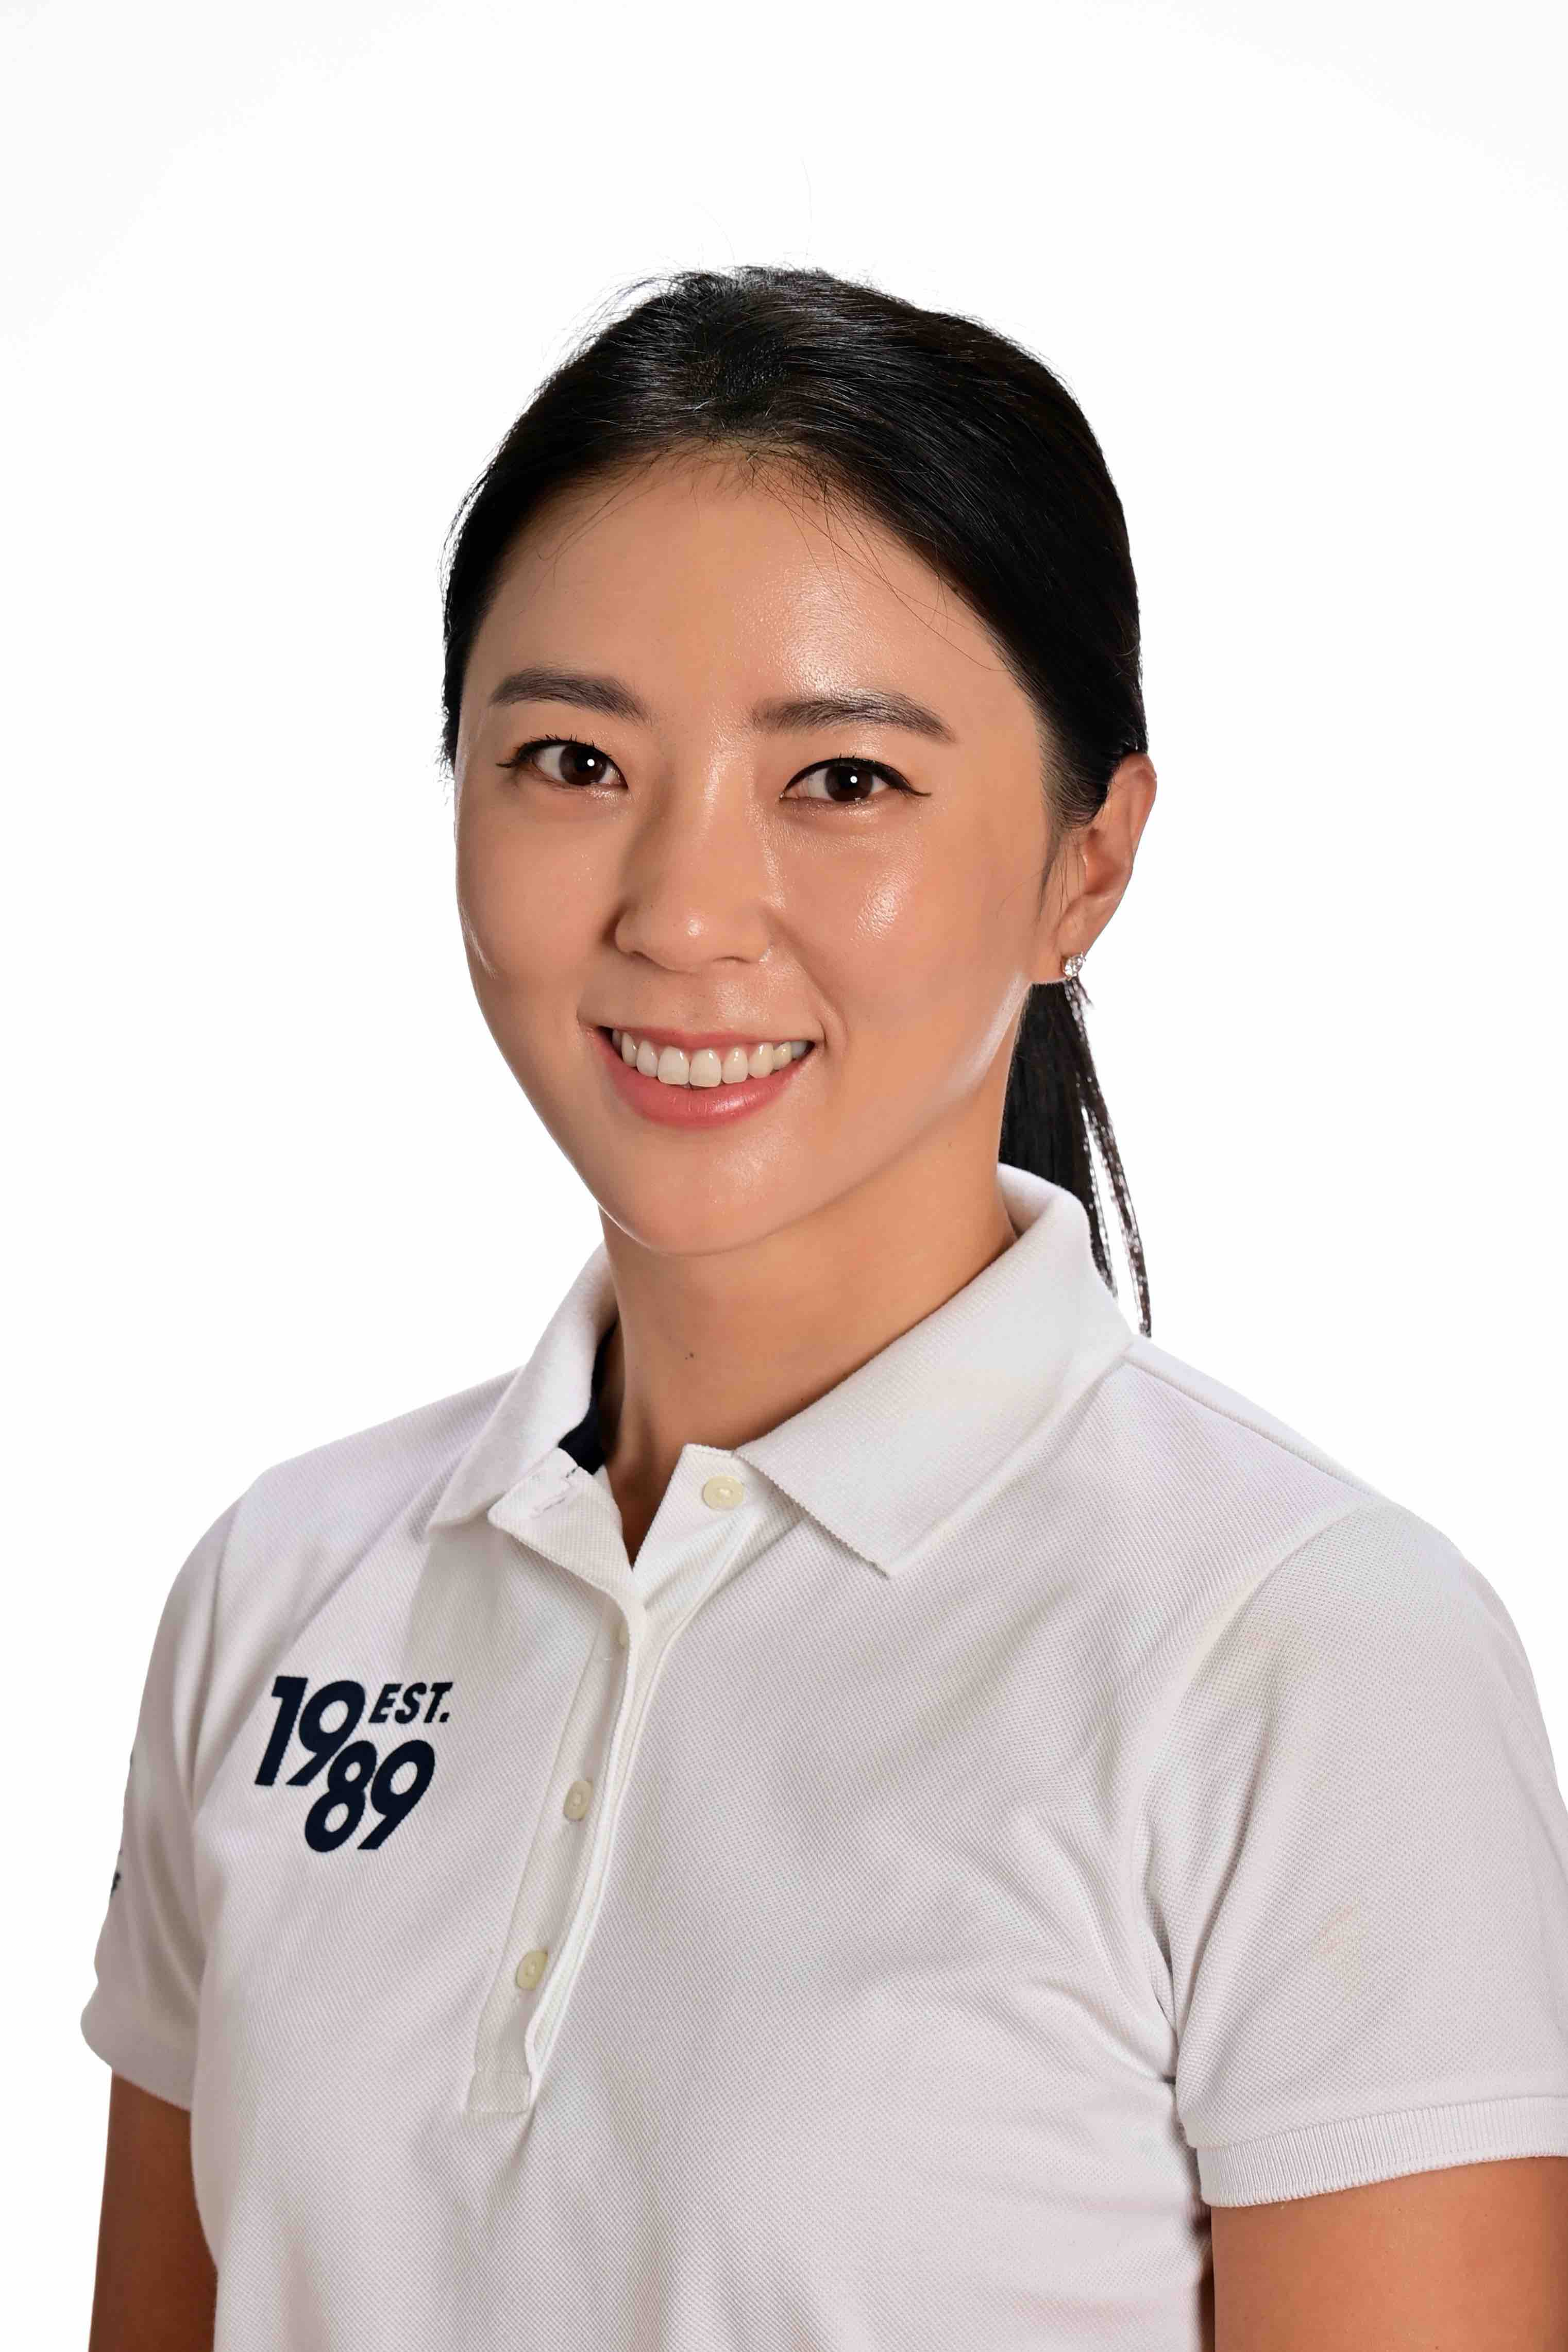 【JLPGA公式】ユン チェヨン 選手(ゴルフボール1スリーブ④)